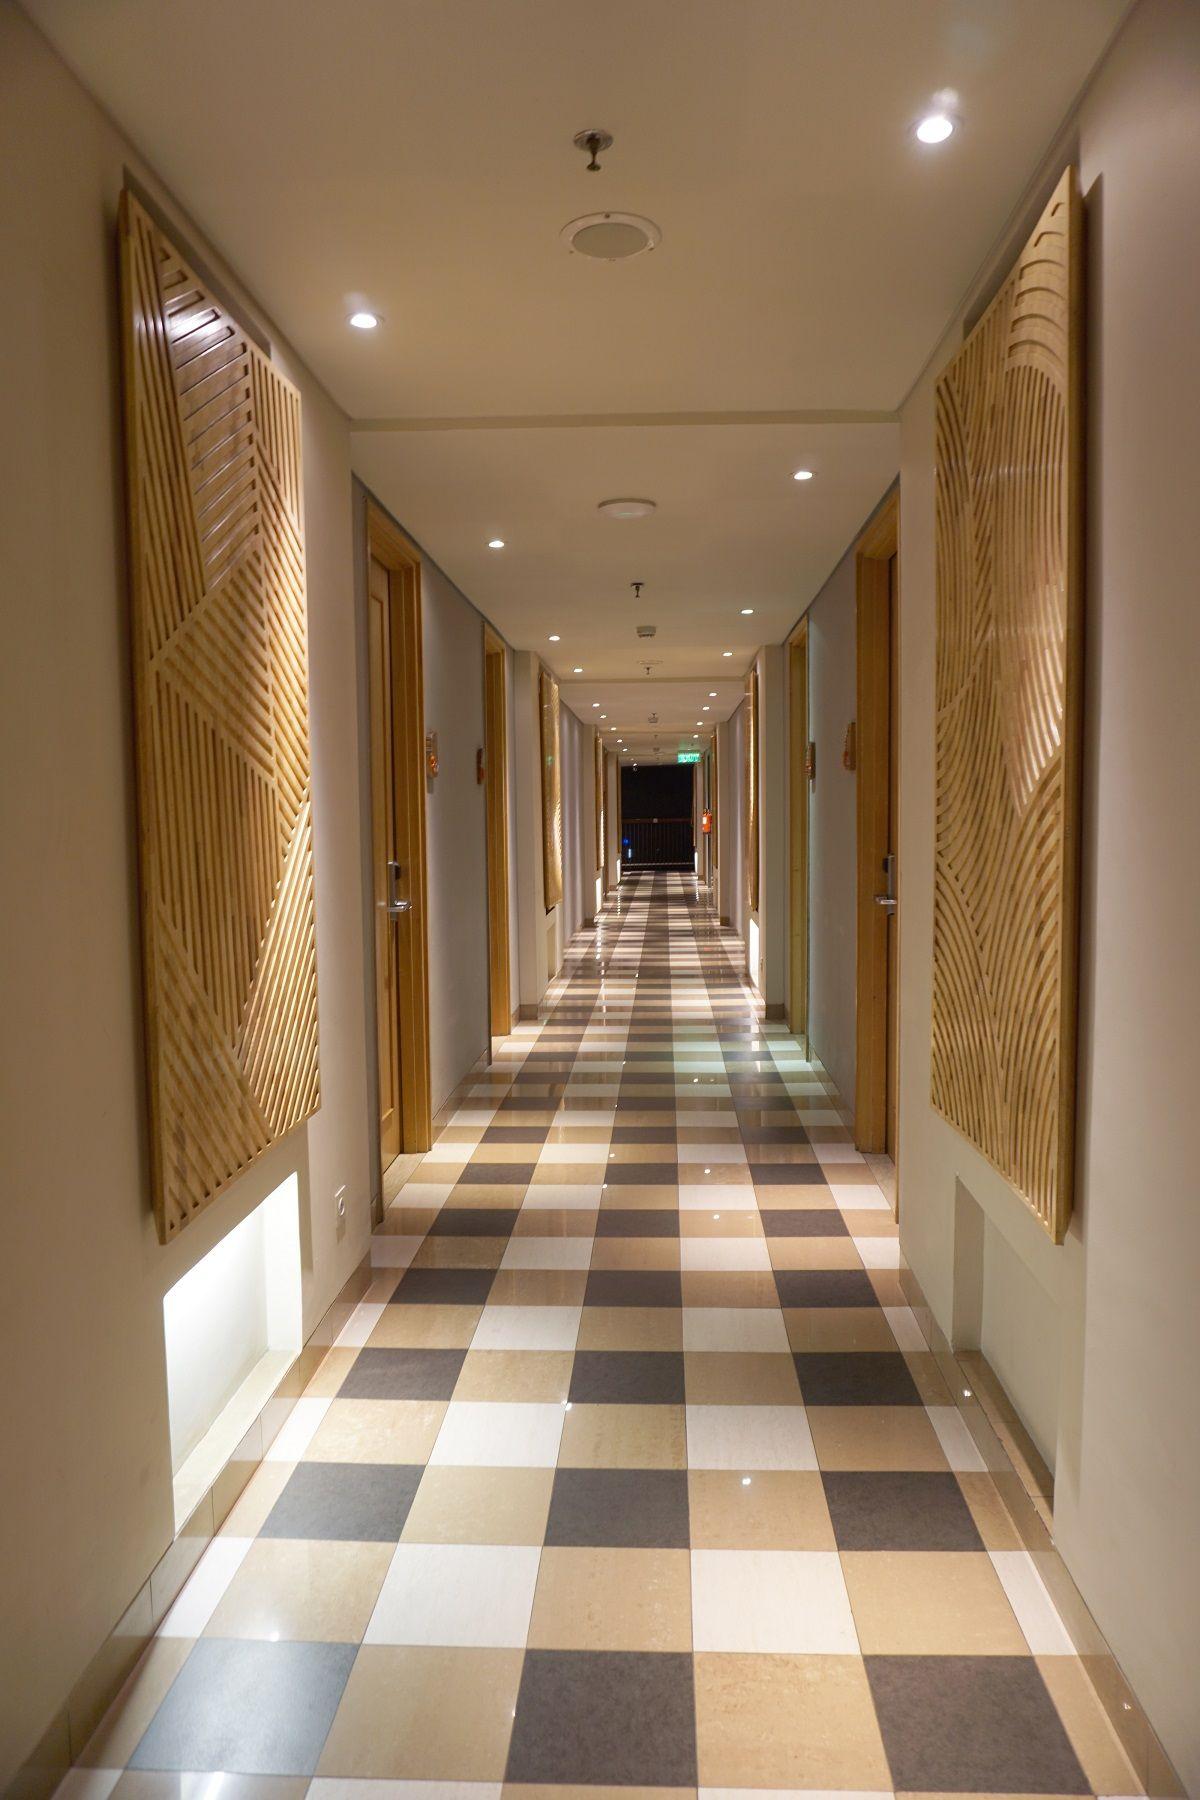 the 1O1 Bogor 18 THE 101 Suryakencana hotel